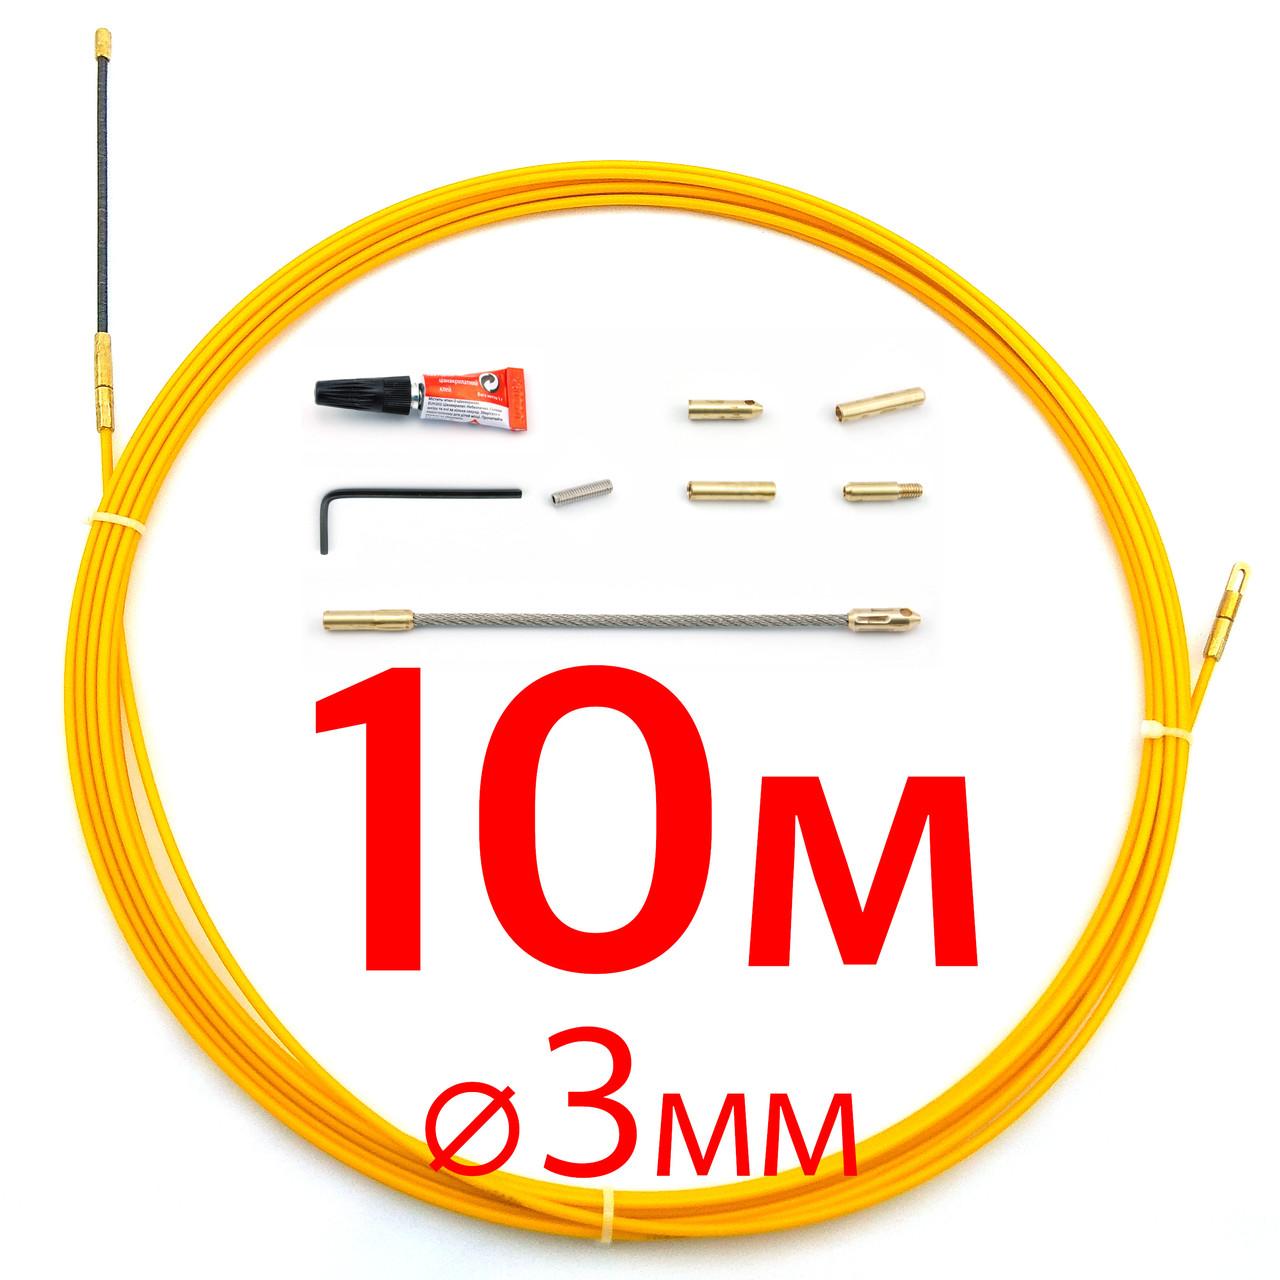 Кабельная протяжка, стеклопруток 3мм х 10м + 7 наконечников, протяжка для кабеля 10 метров из стекловолкна,